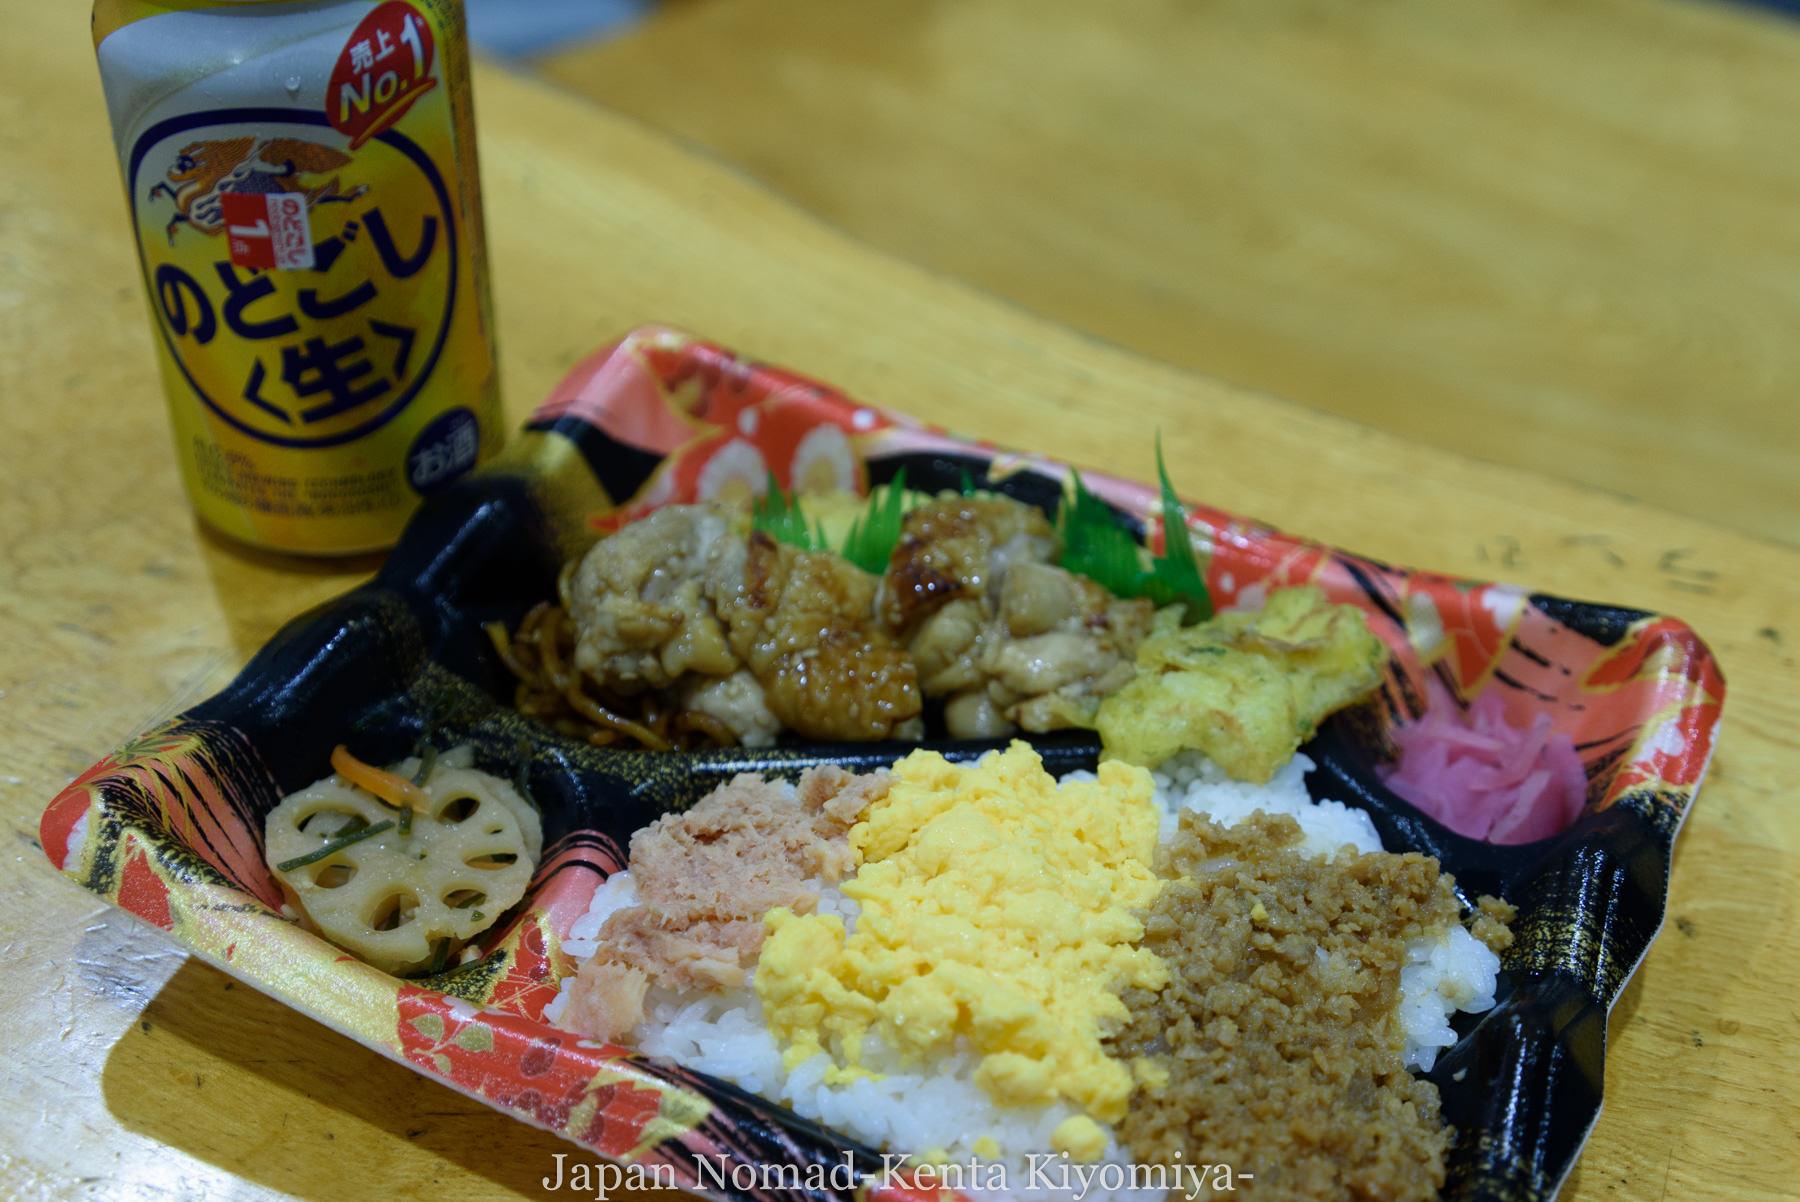 自転車日本一周113日目(苫小牧停滞)-Japan Nomad (4)